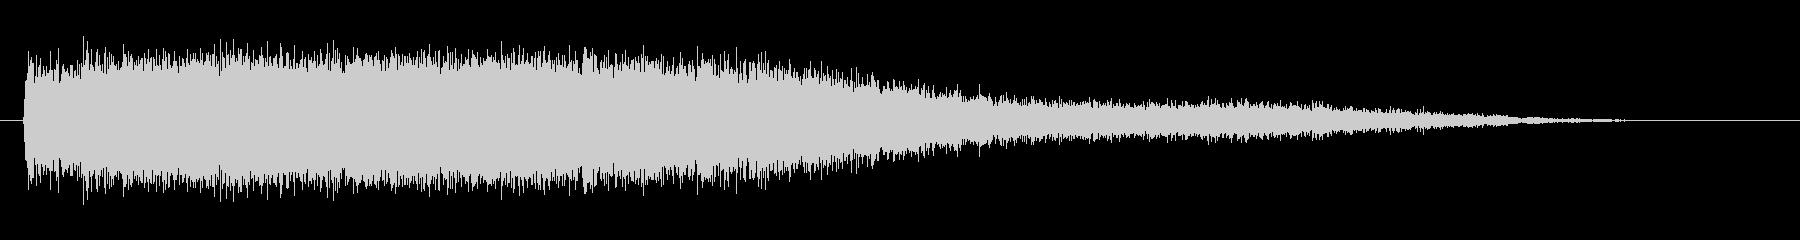 素材 シンセスライスハイ03の未再生の波形